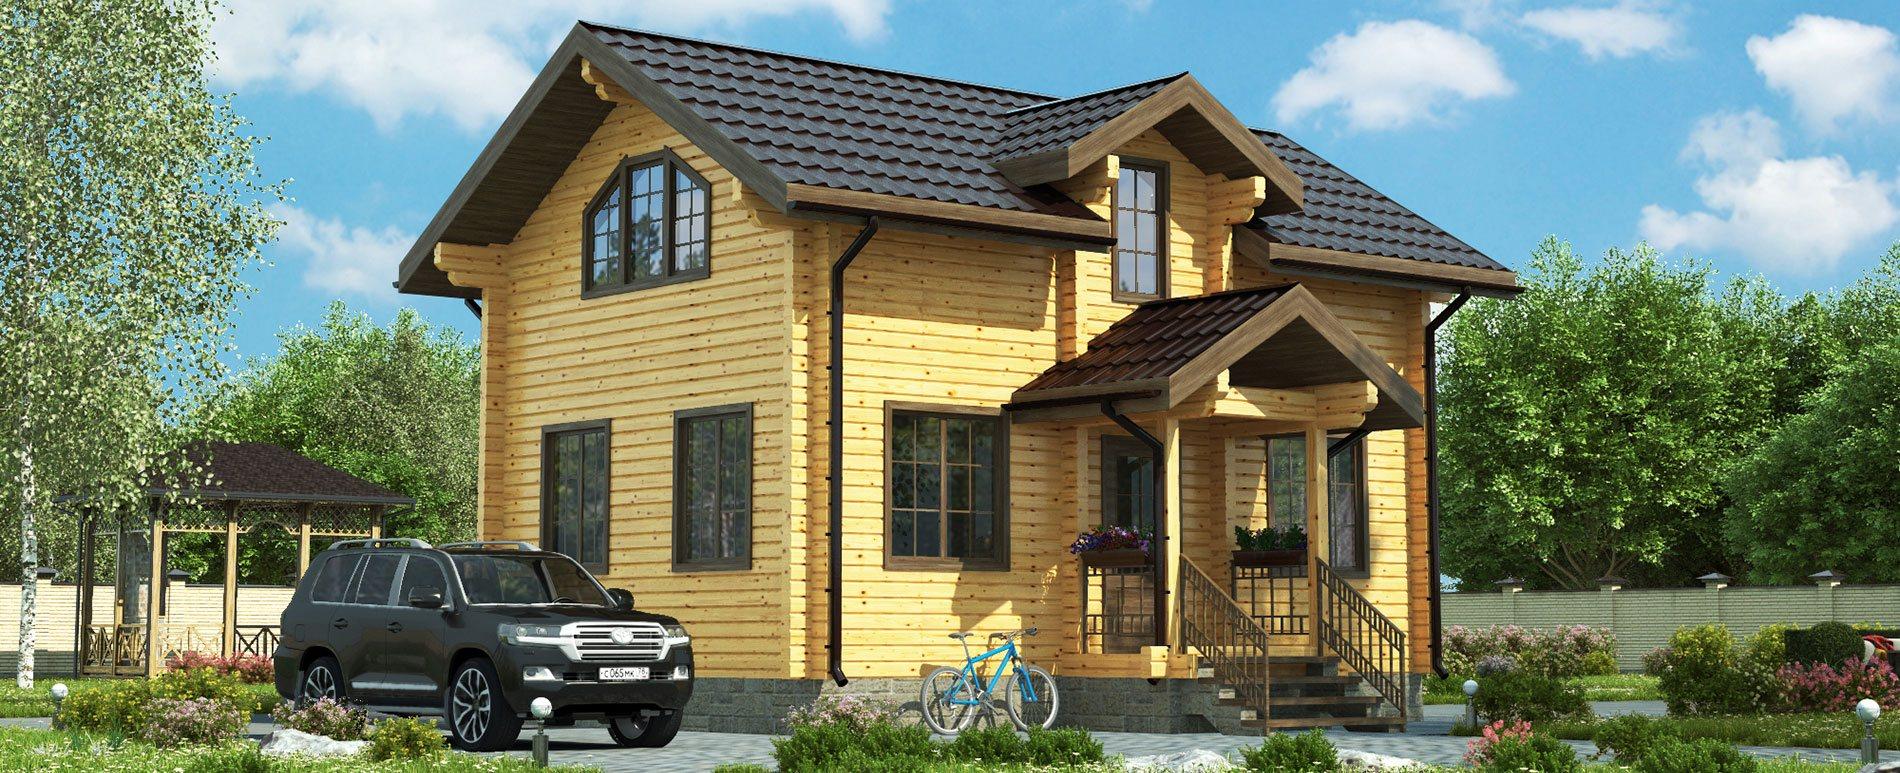 Дом 'Семейный' - лучше предложение 2019 года